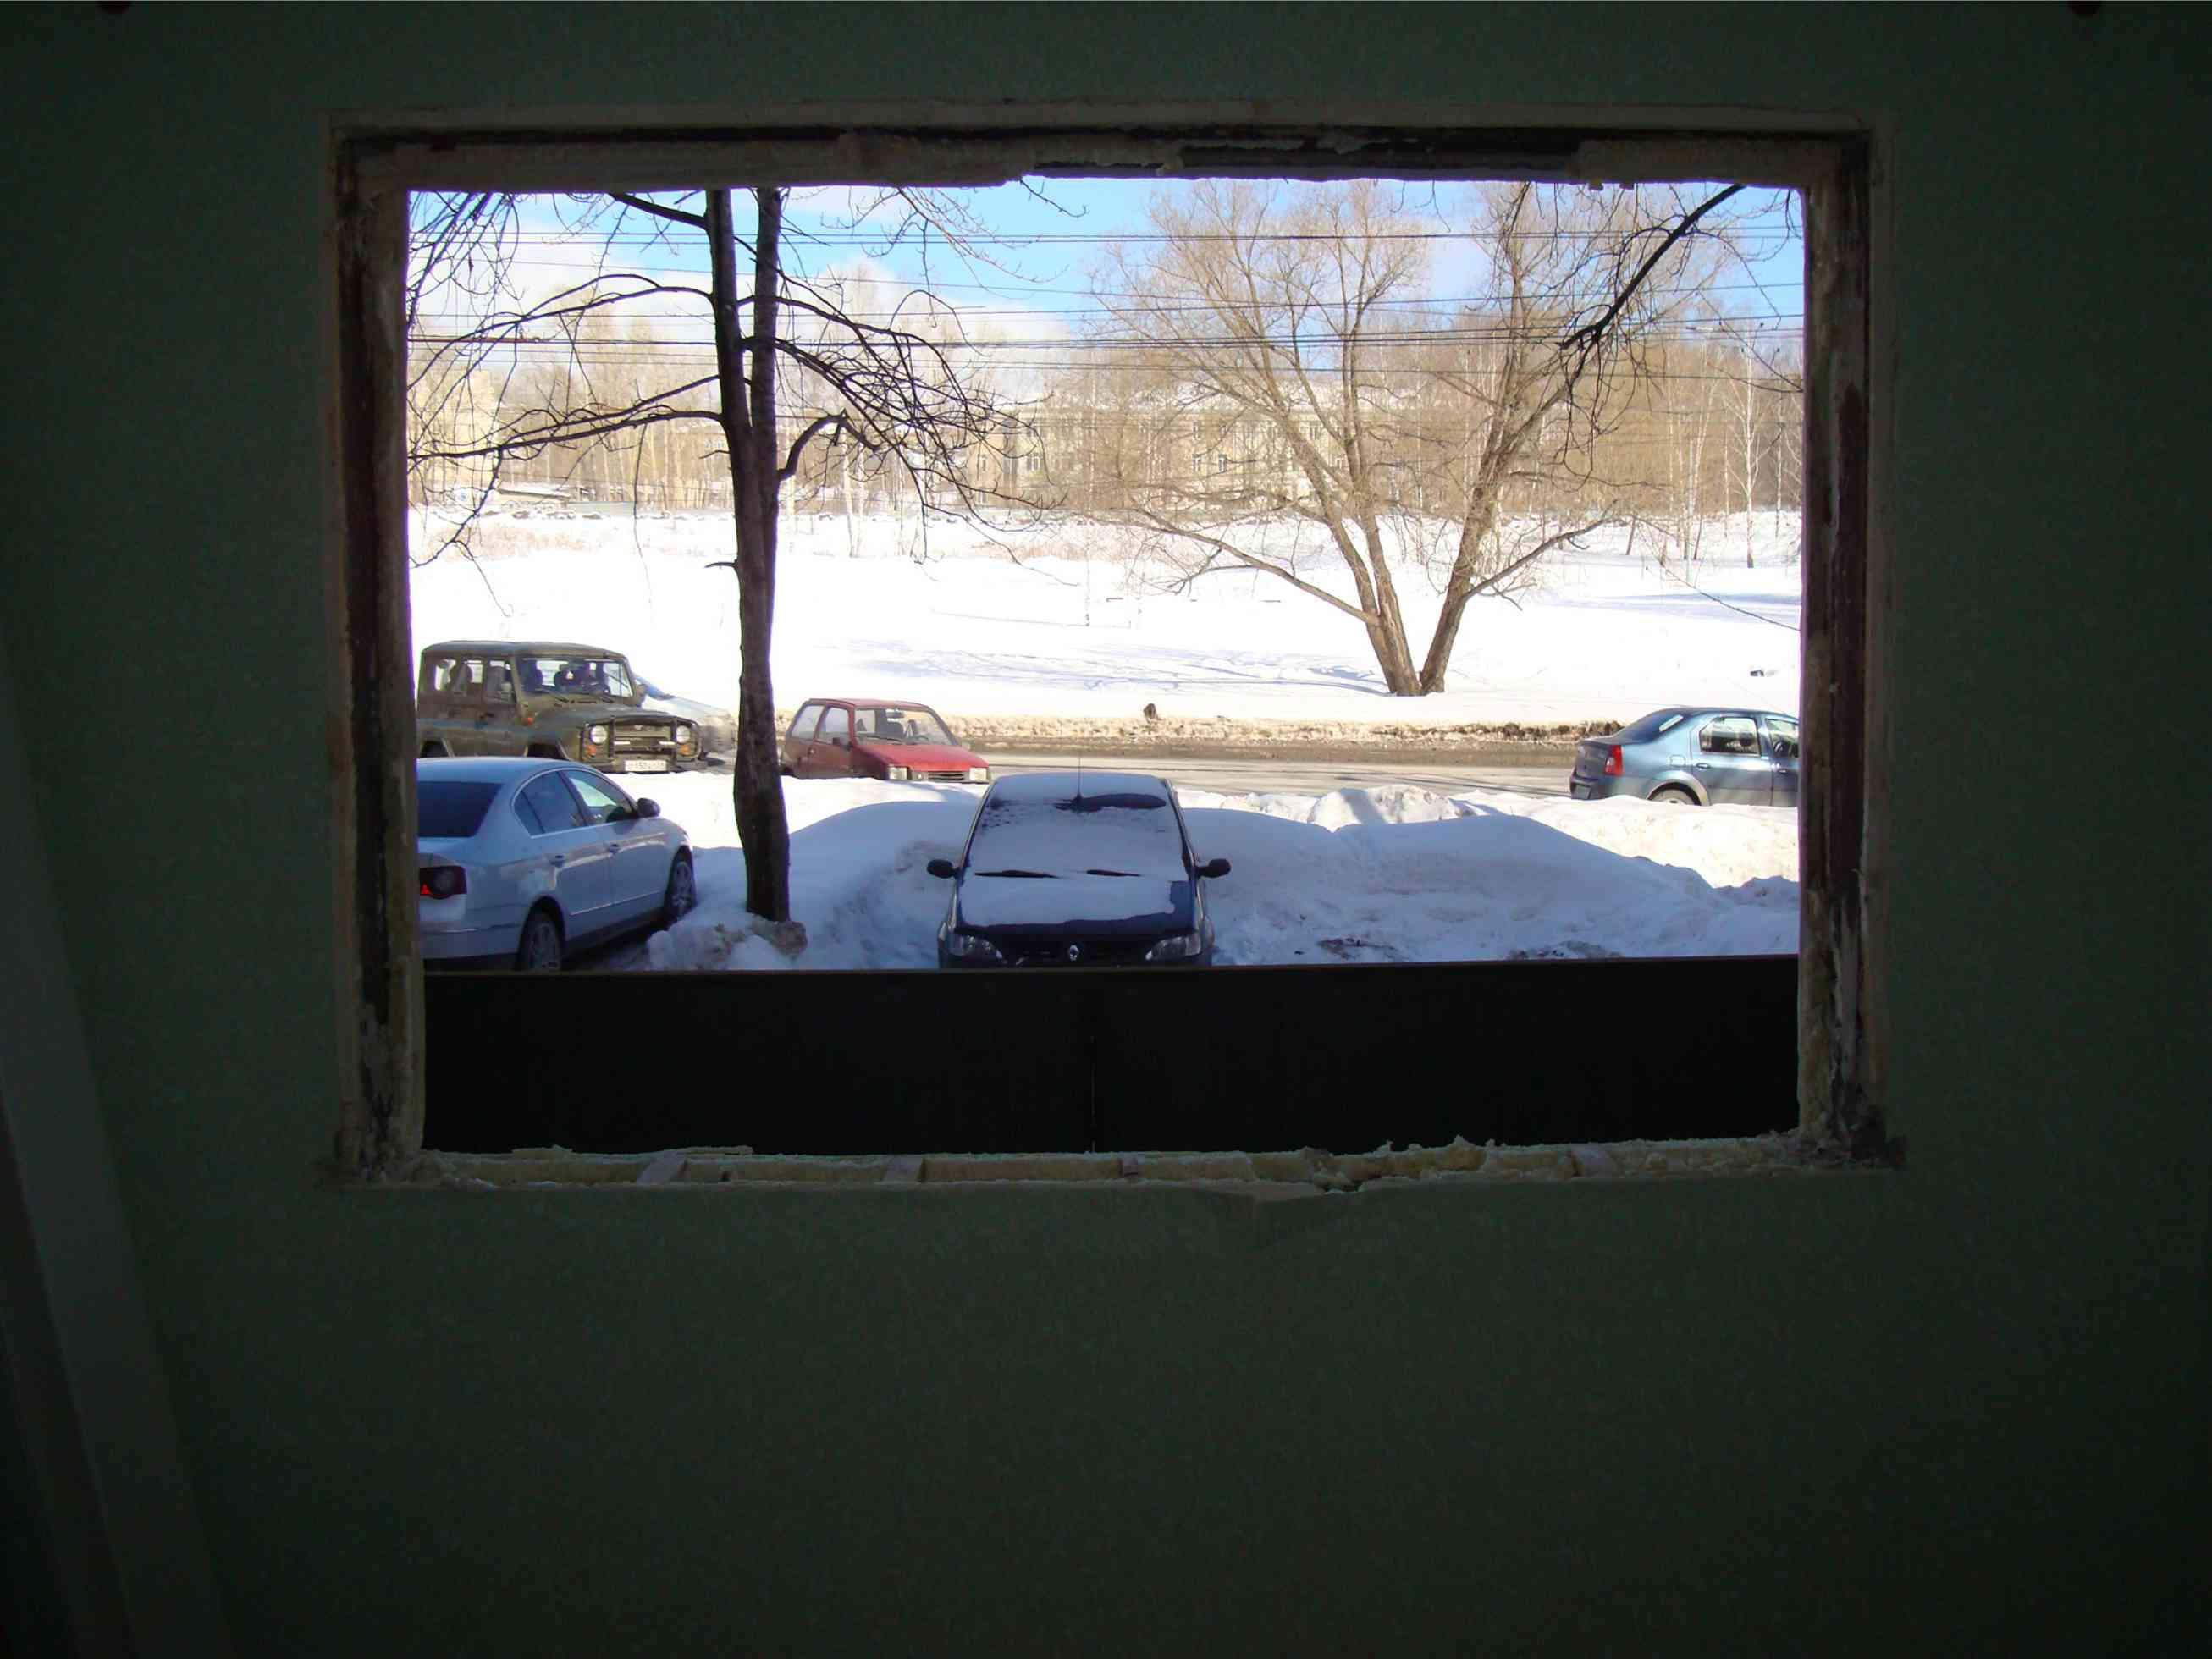 фотография оконного проема после демотажа окна